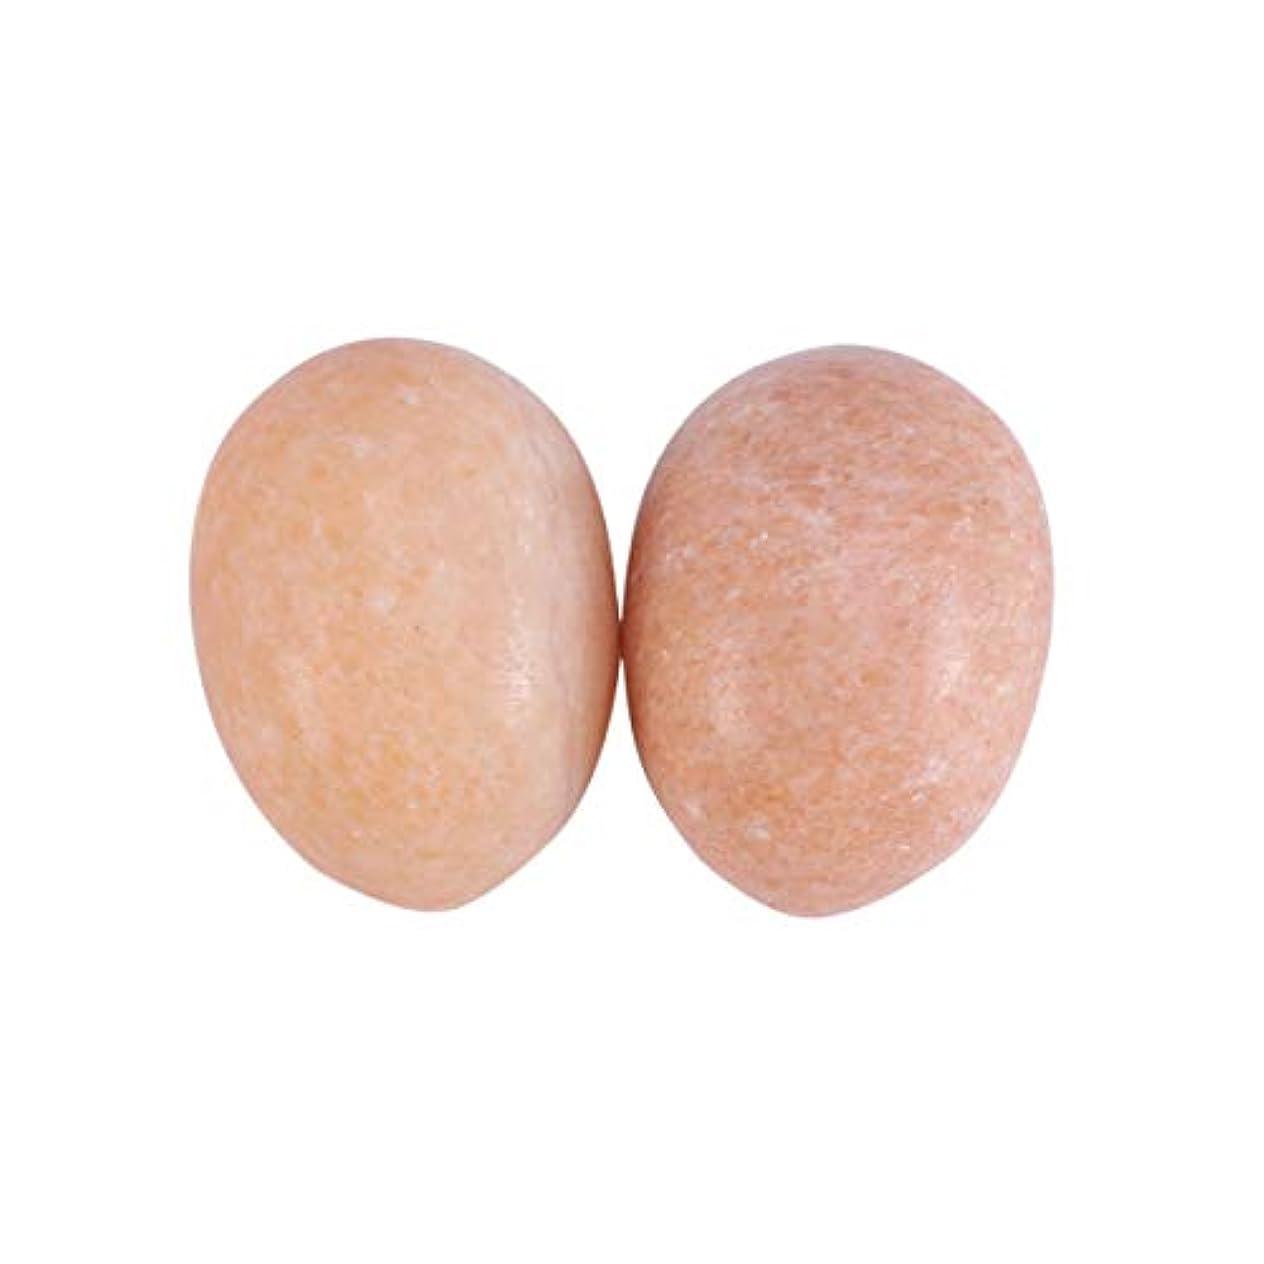 名目上の上げる高度なHealifty 妊娠中の女性のためのマッサージボール6個玉ヨニ卵骨盤底筋マッサージ運動膣締め付けボールヘルスケア(サンセットレッド)